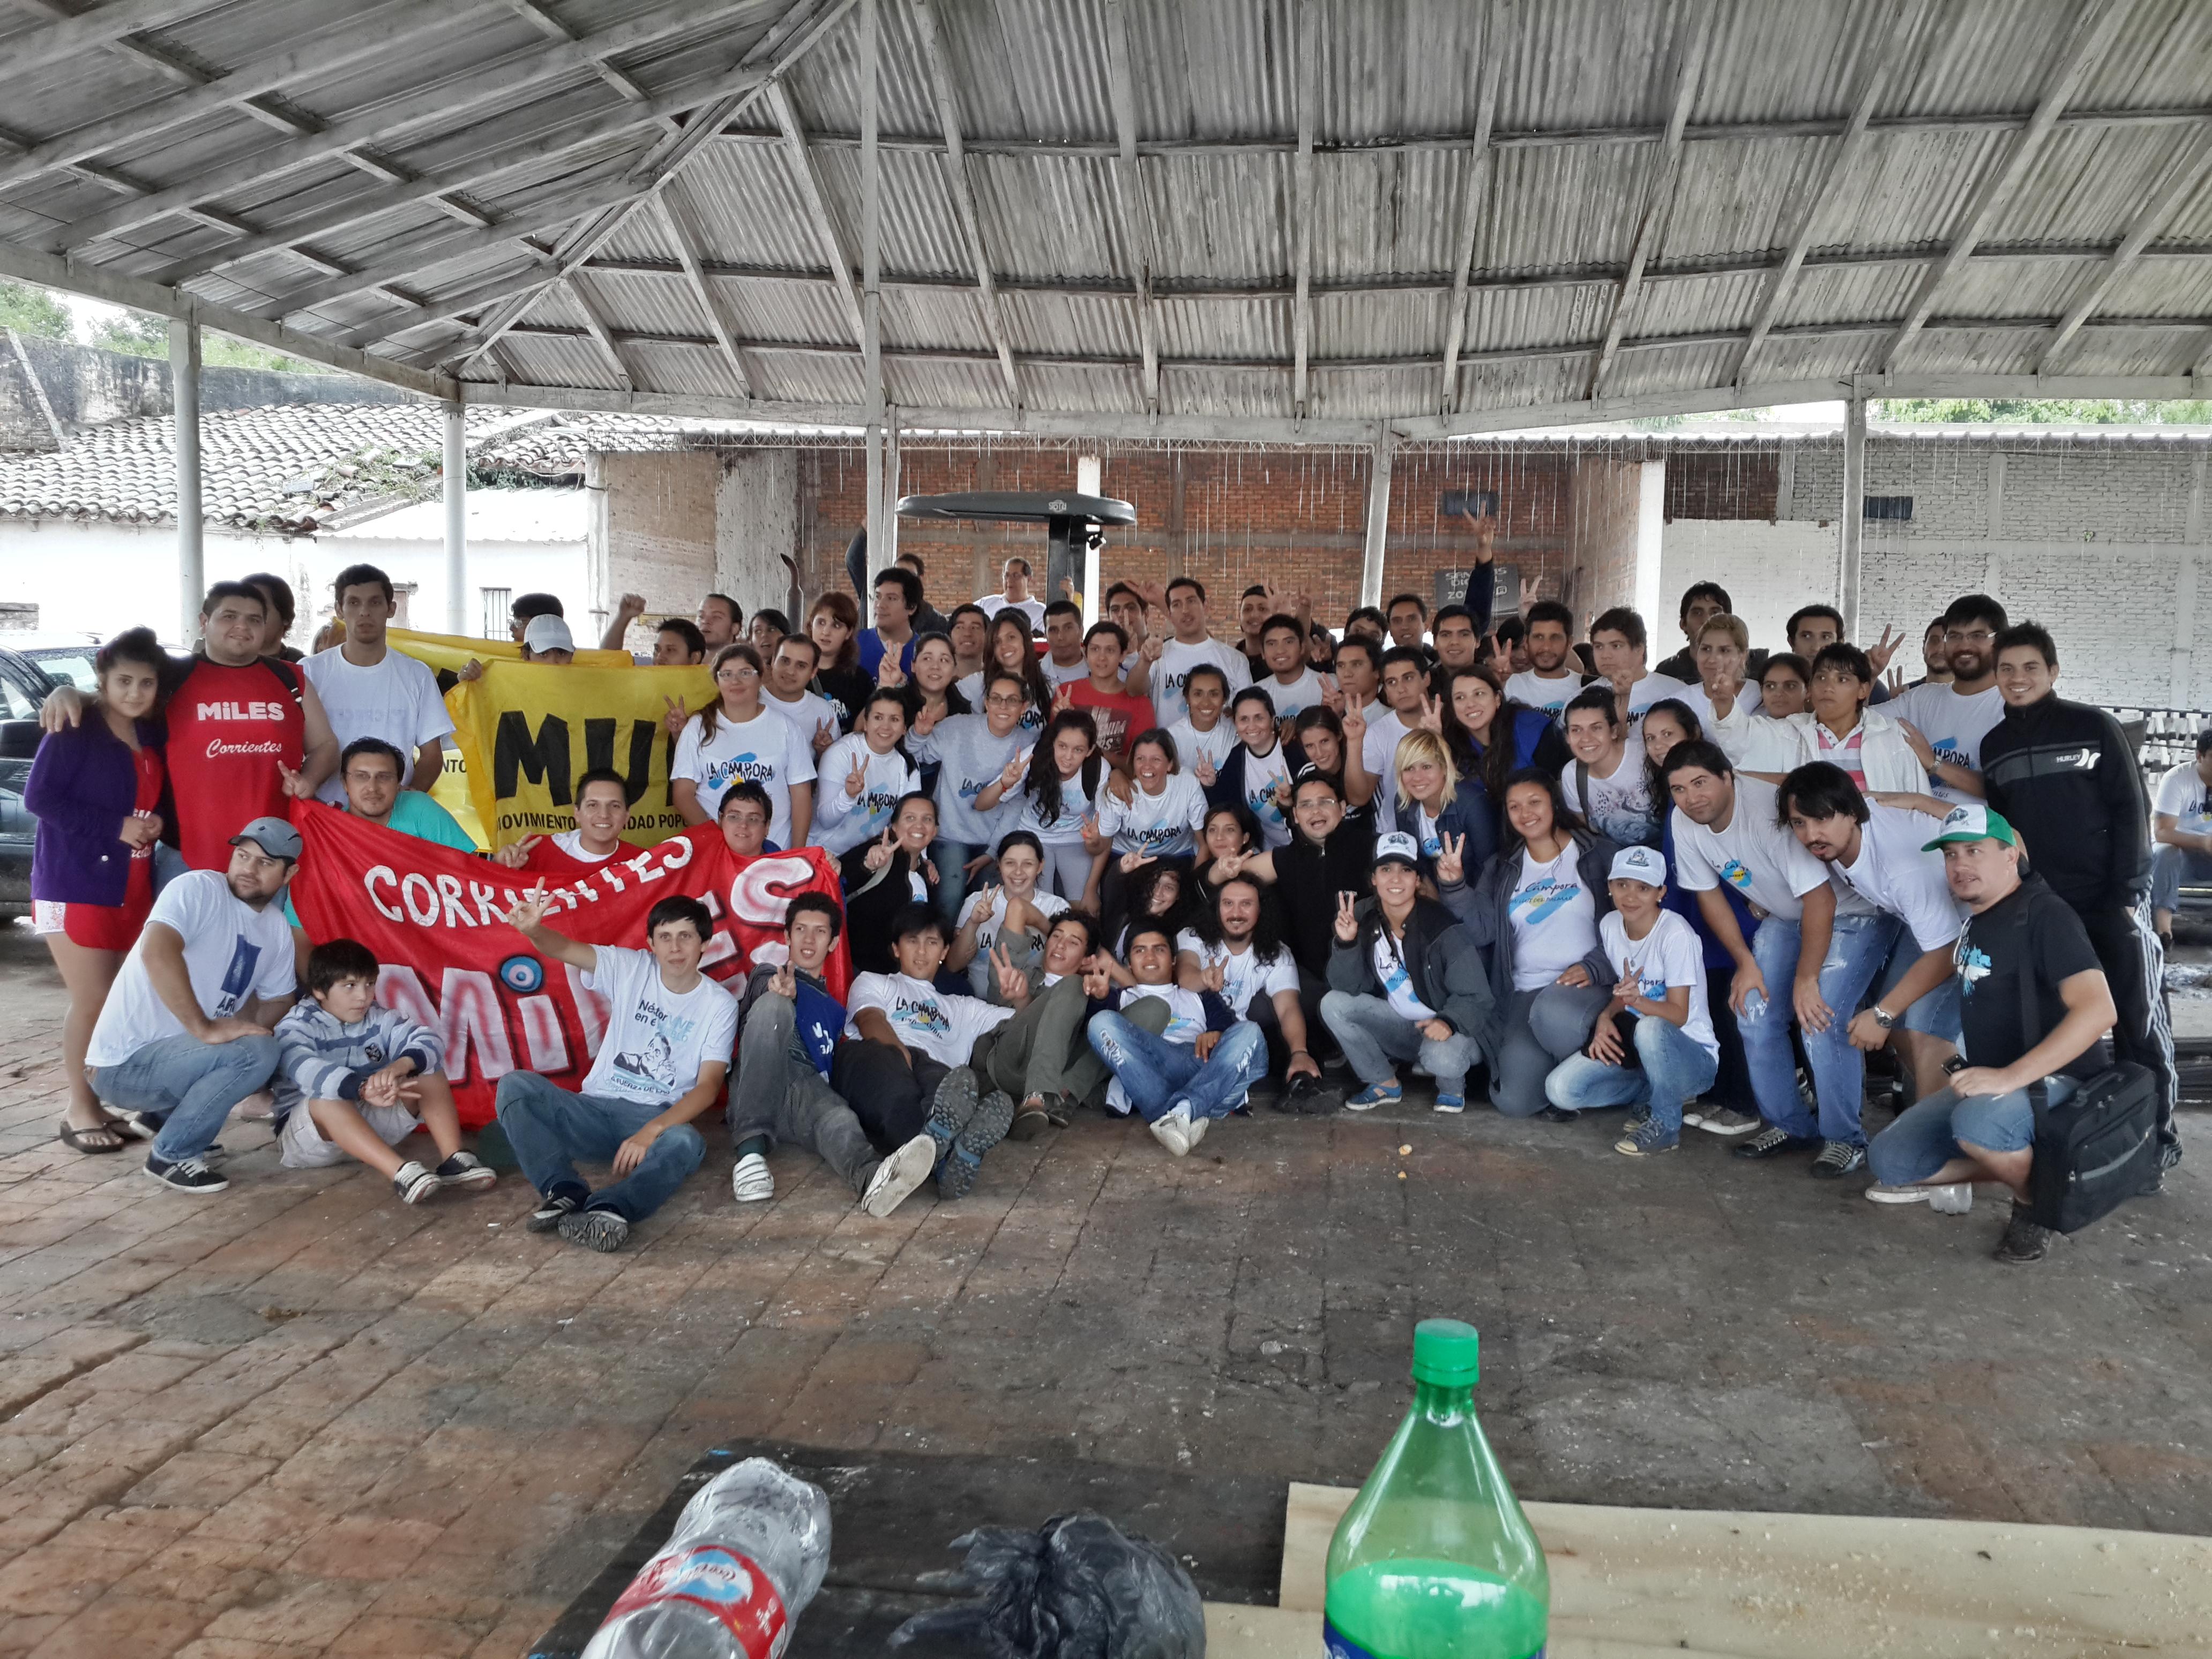 corrientes-solidaridad-6